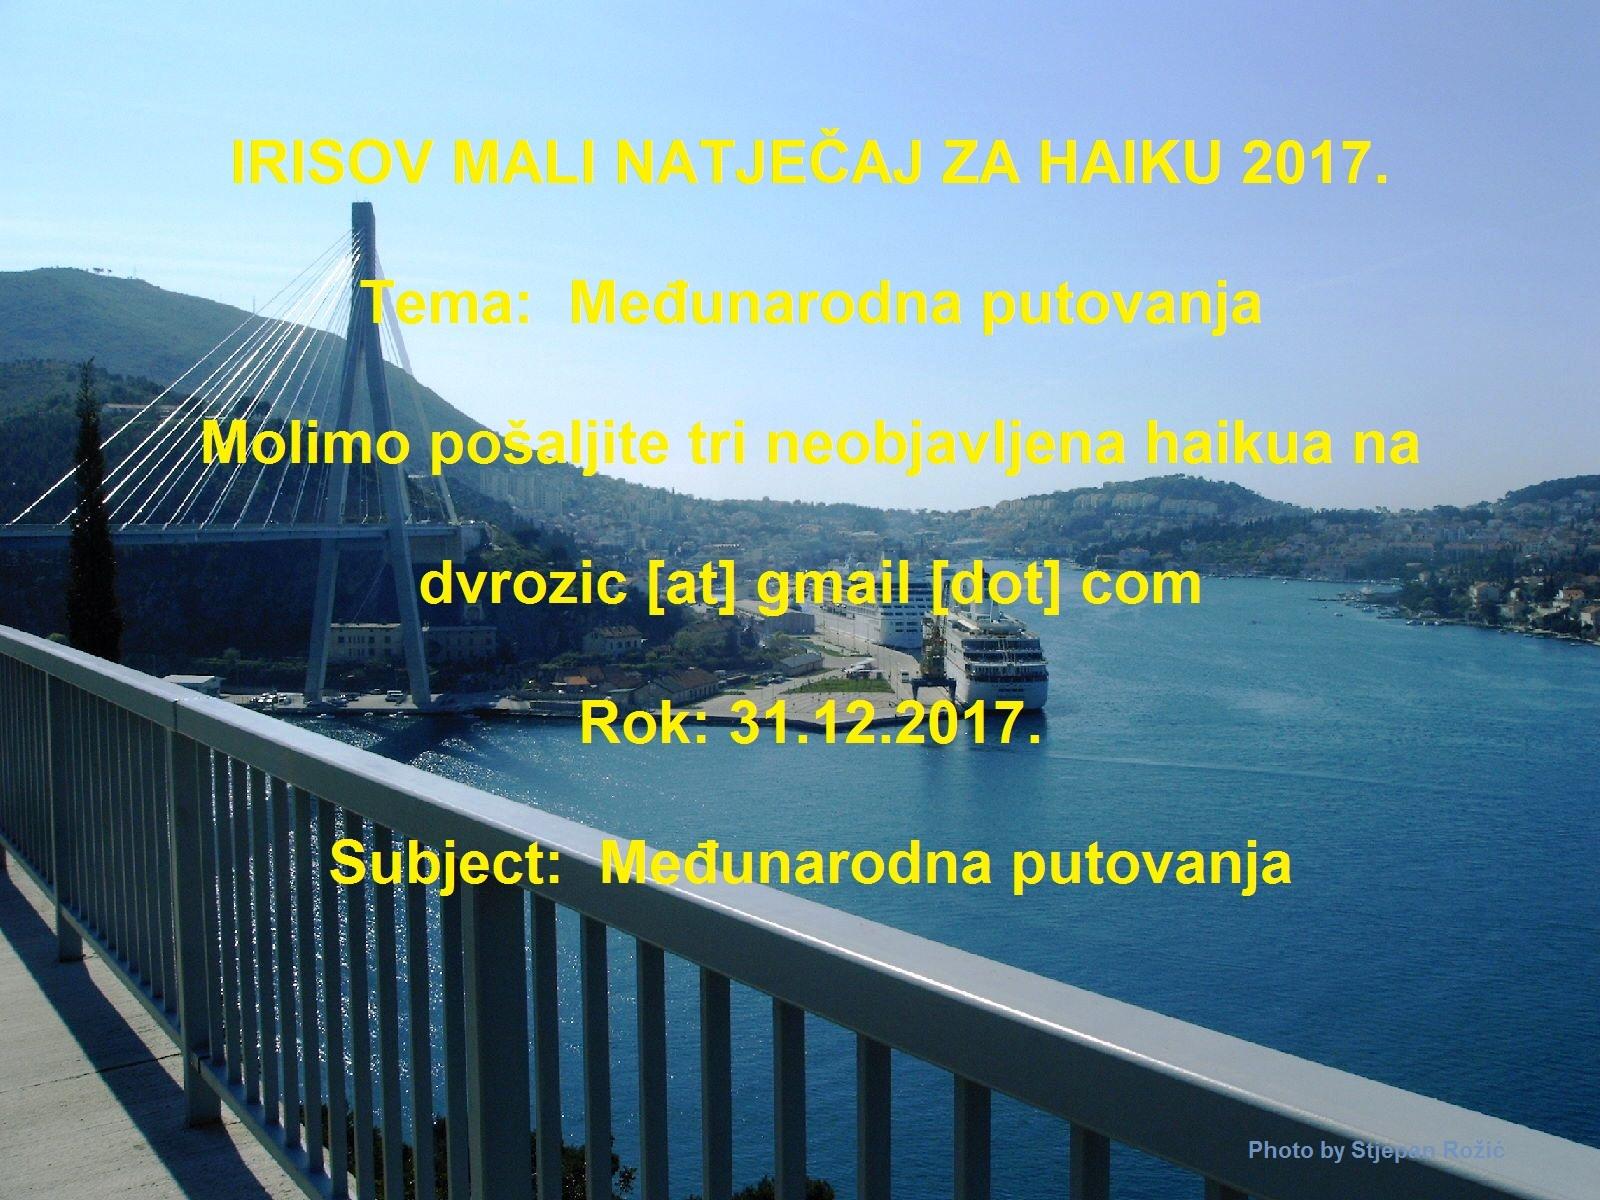 IRISOV MALI NATJAČAJ ZA HAIKU 2017.